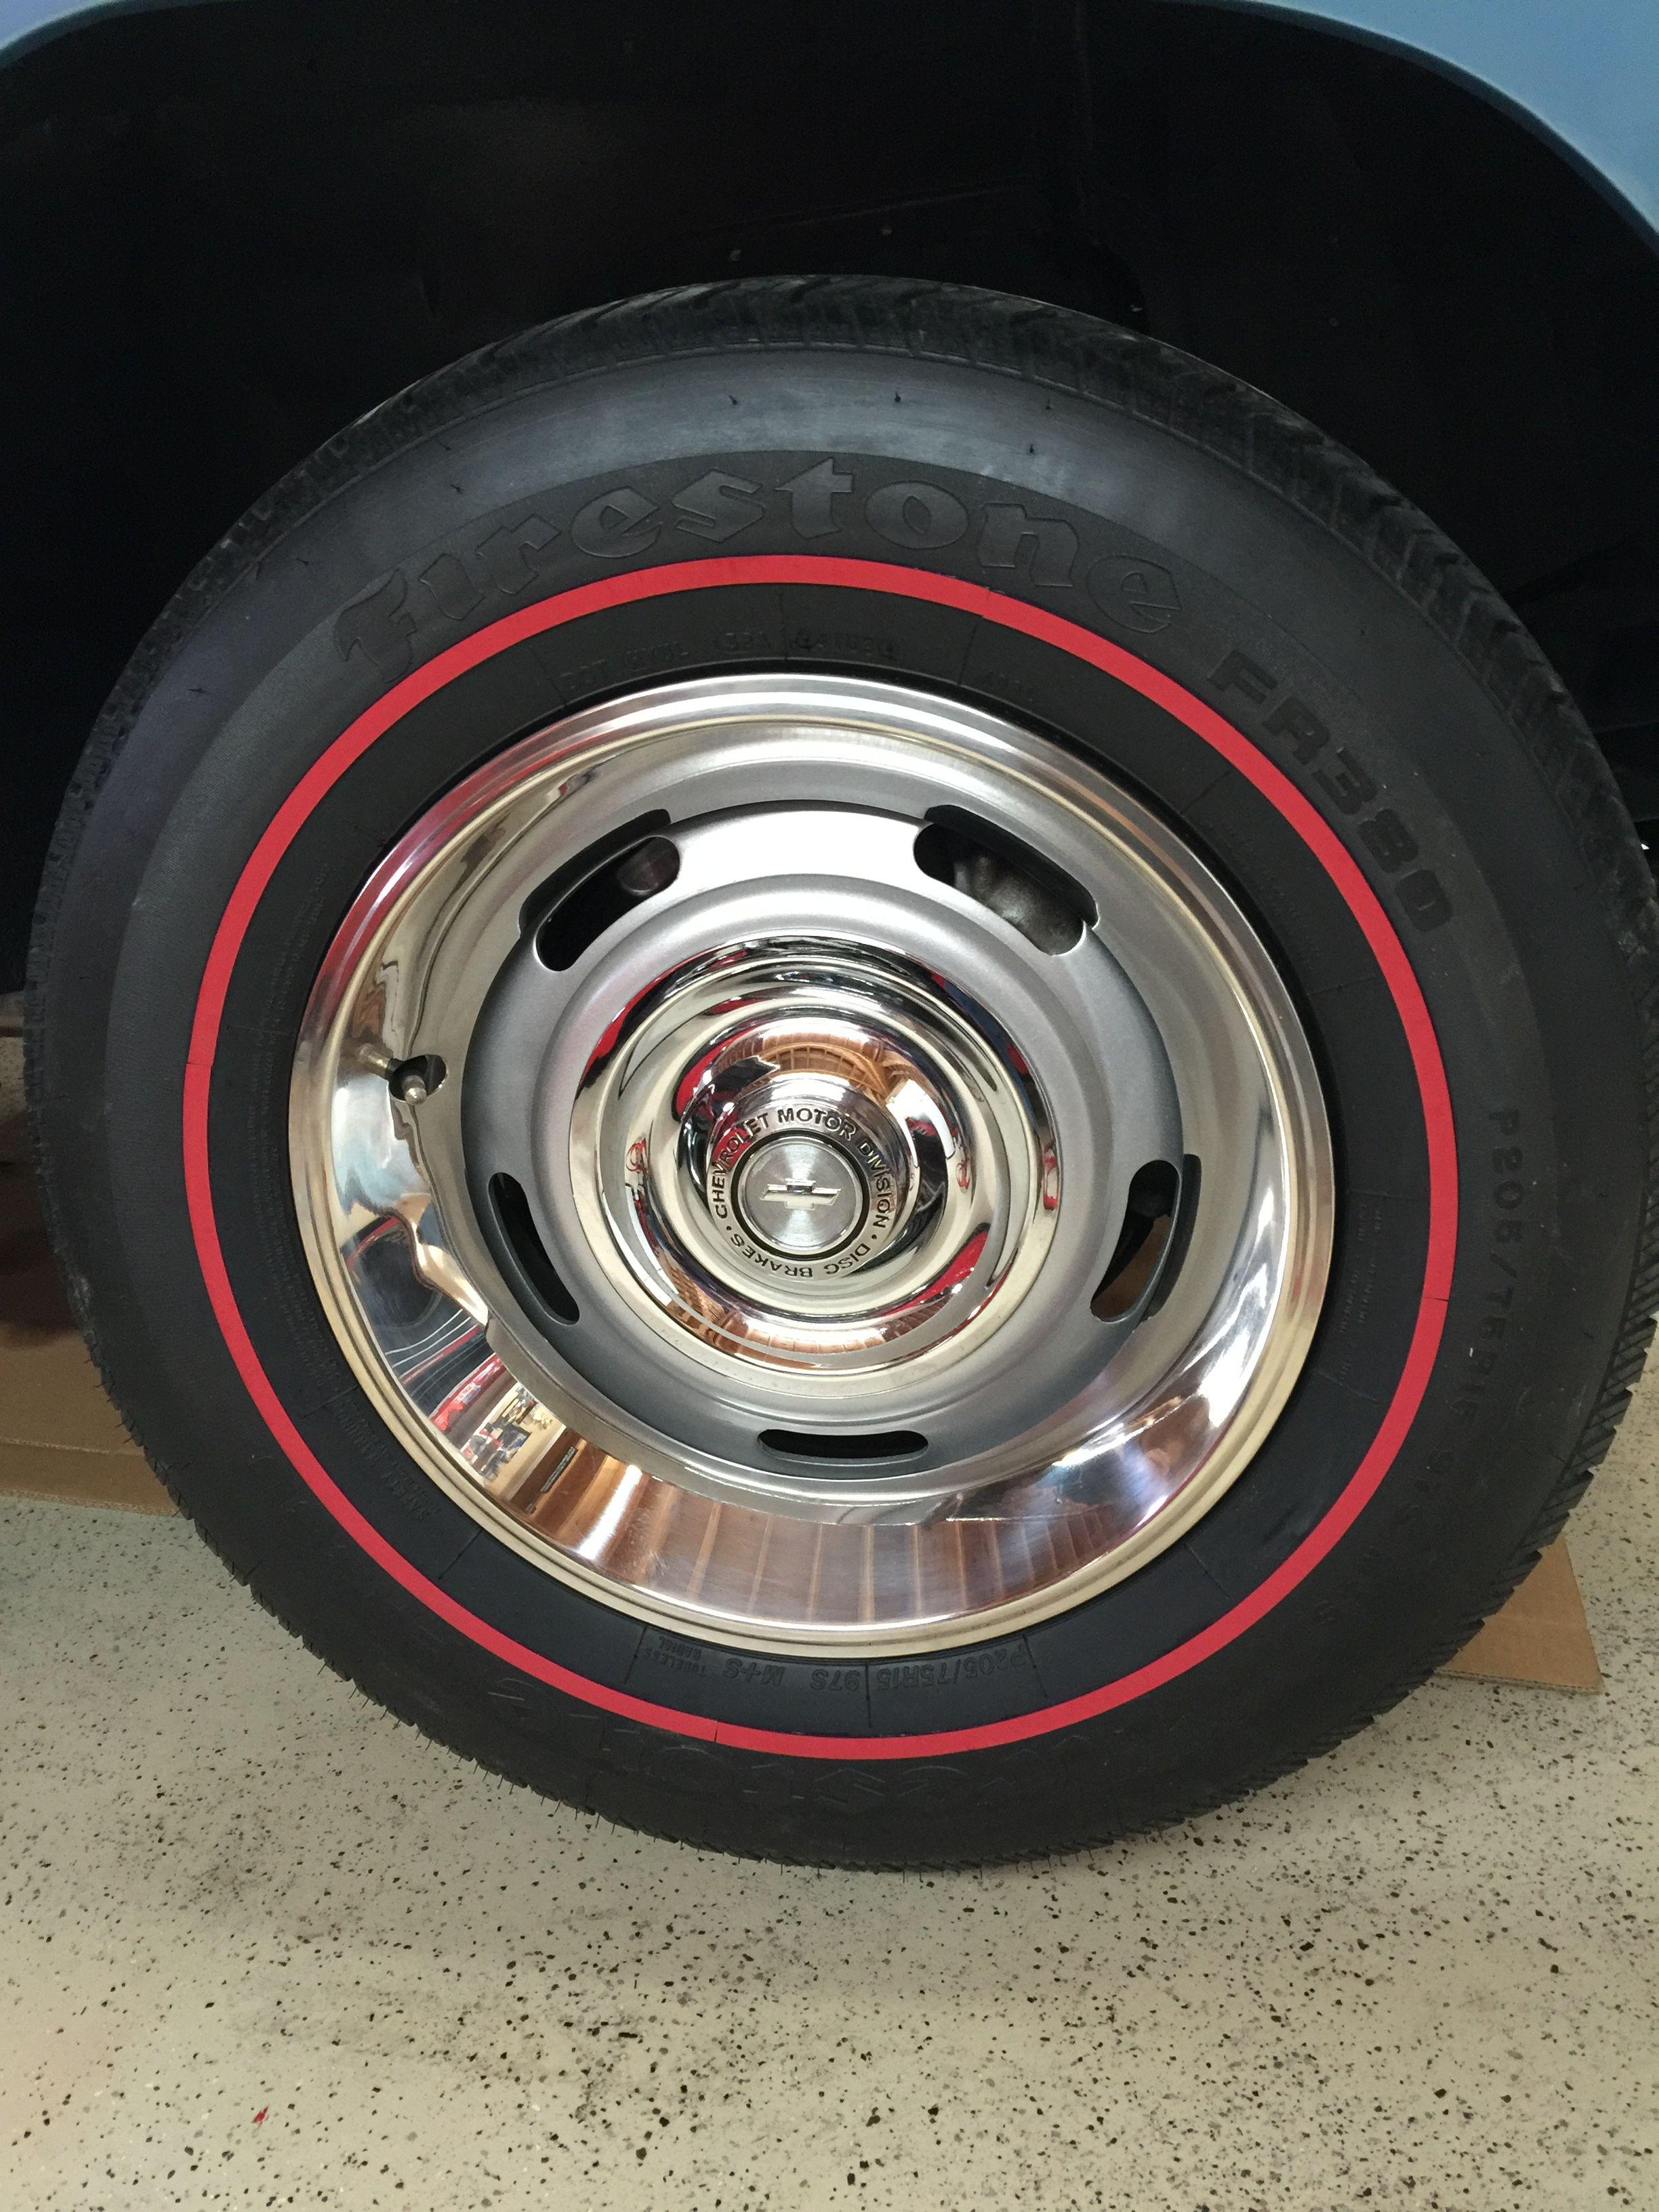 redline tire ring add-on kit